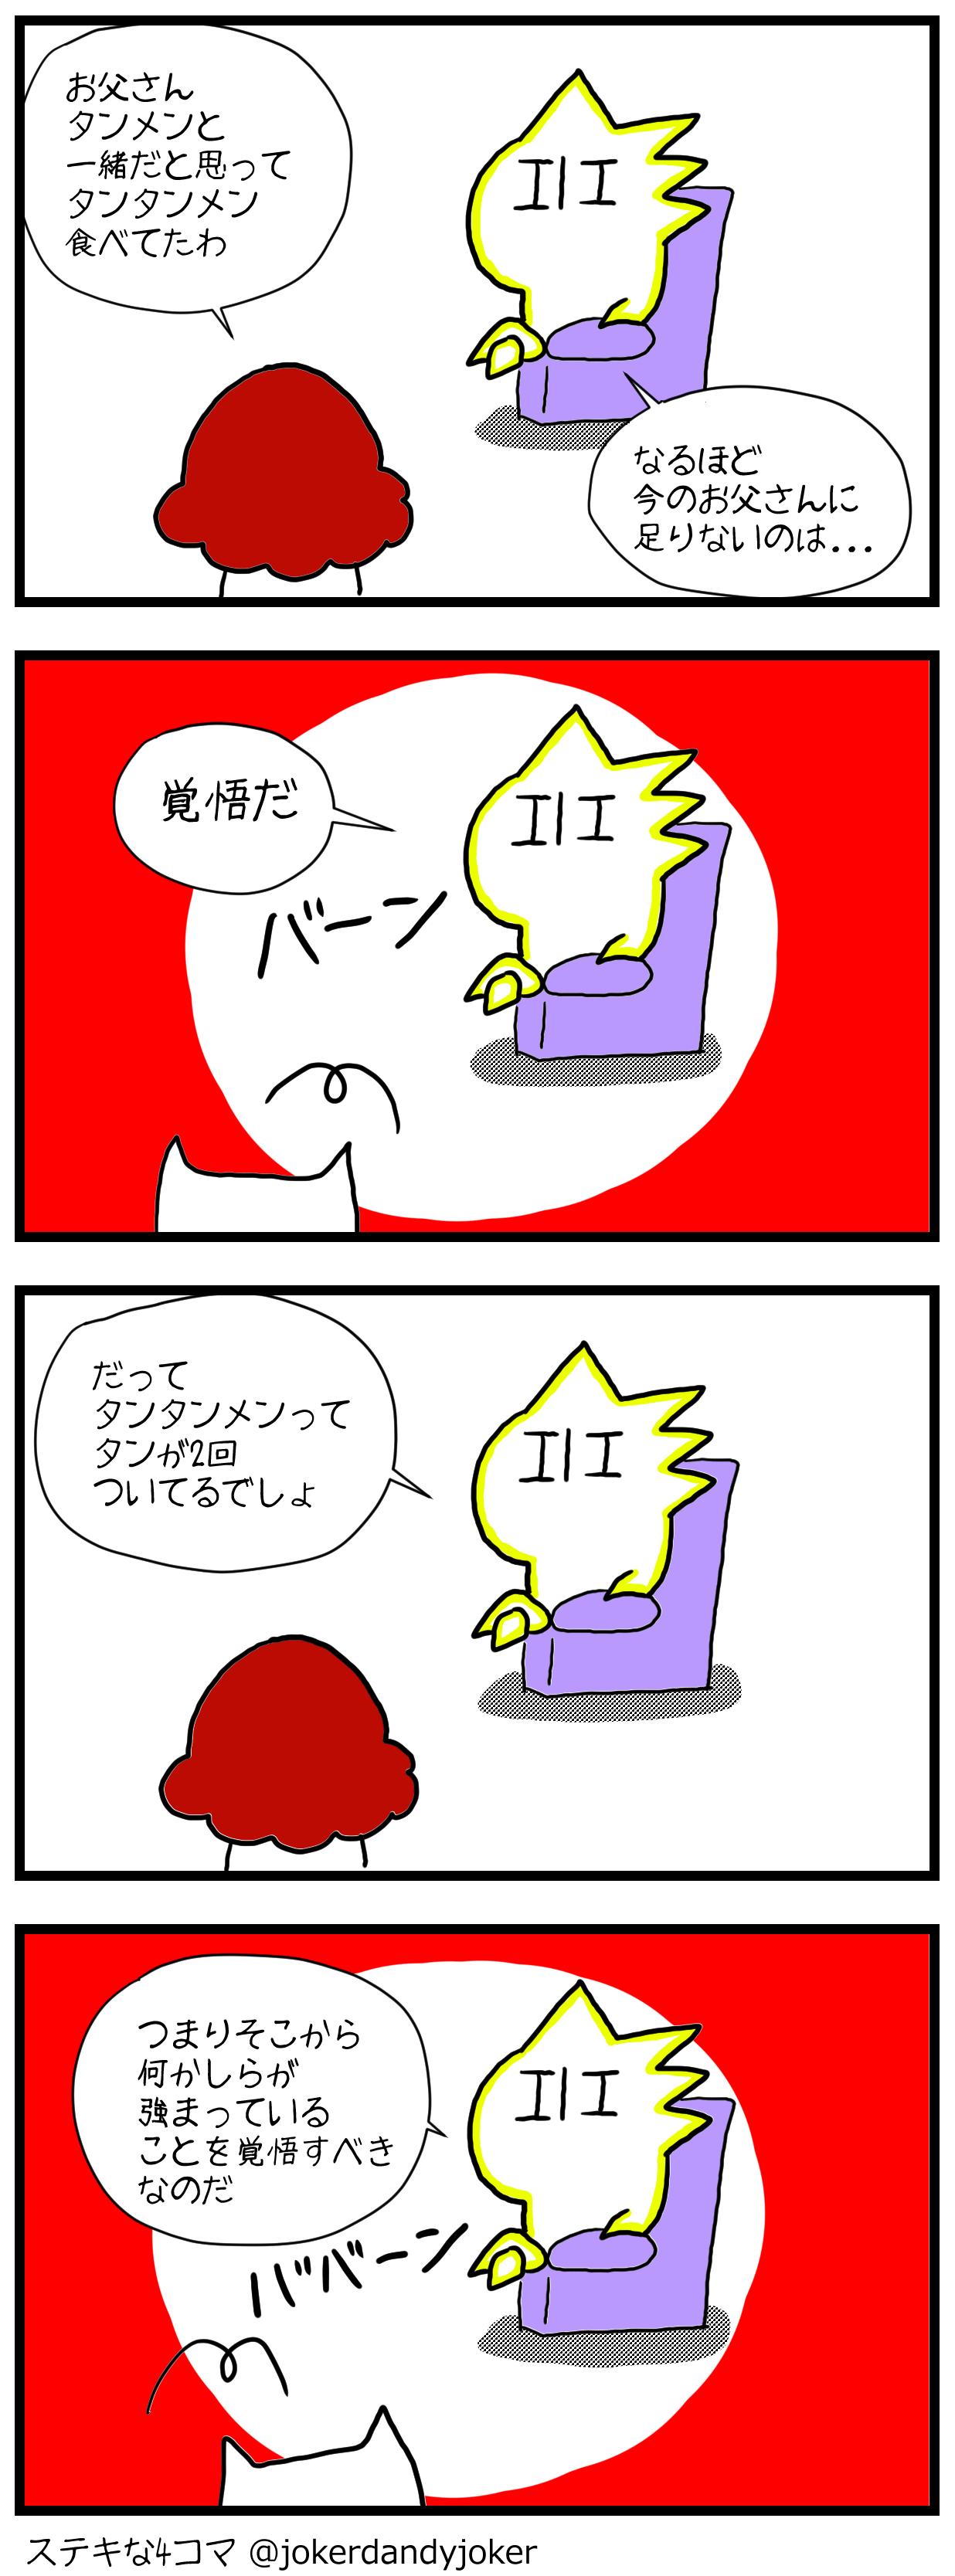 タンタンメンを食べよう その2